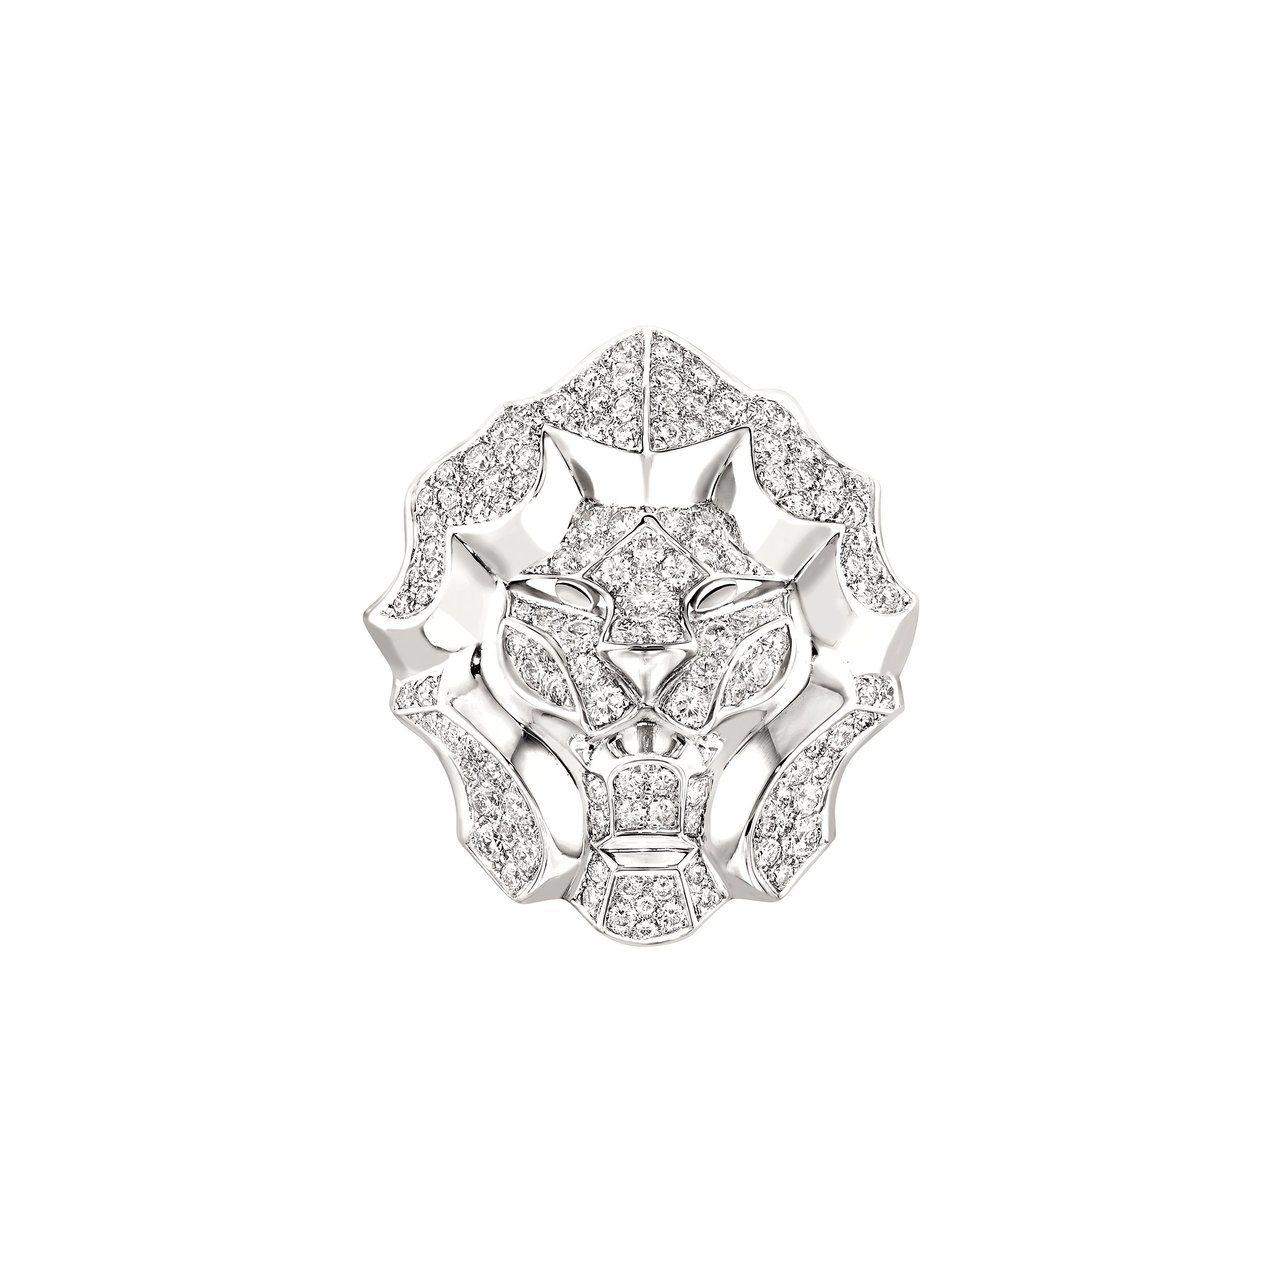 桂綸鎂配戴Lion Pepite戒指。圖/香奈兒提供